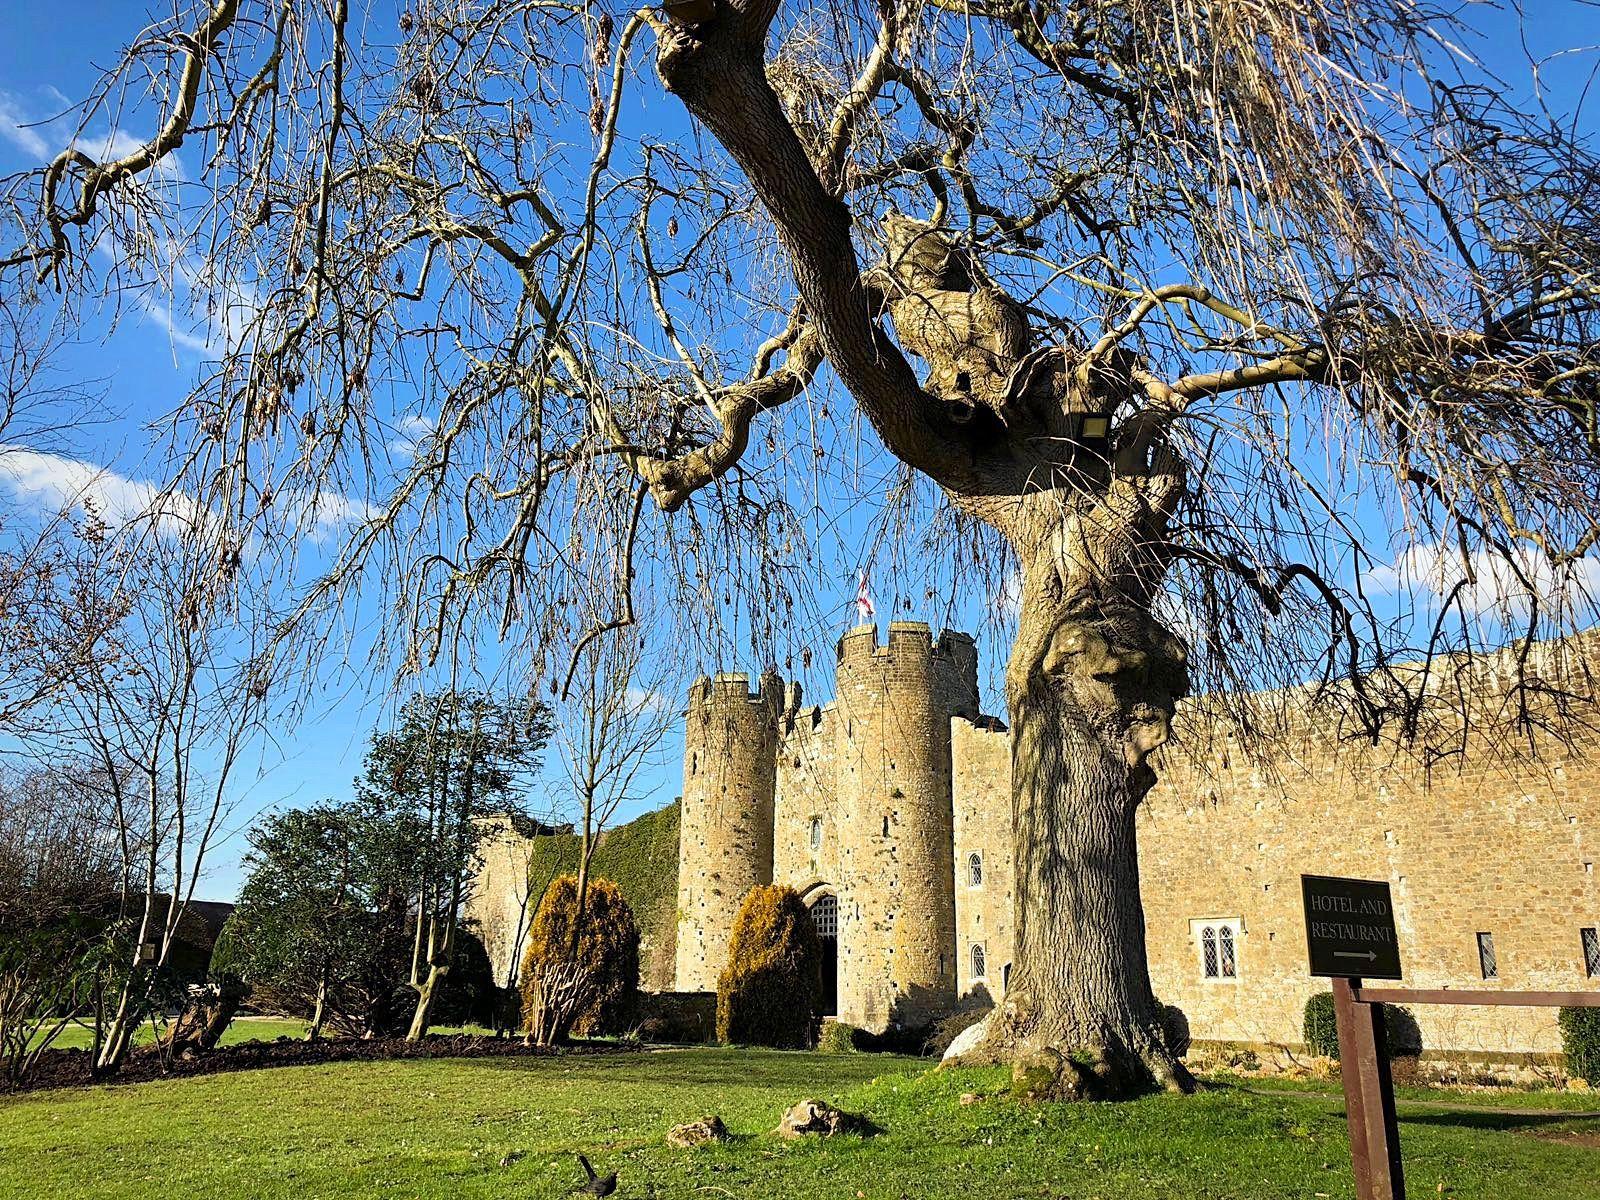 Les voyages de Caroline...Château d'Amberley dans le Sussex, Angleterre